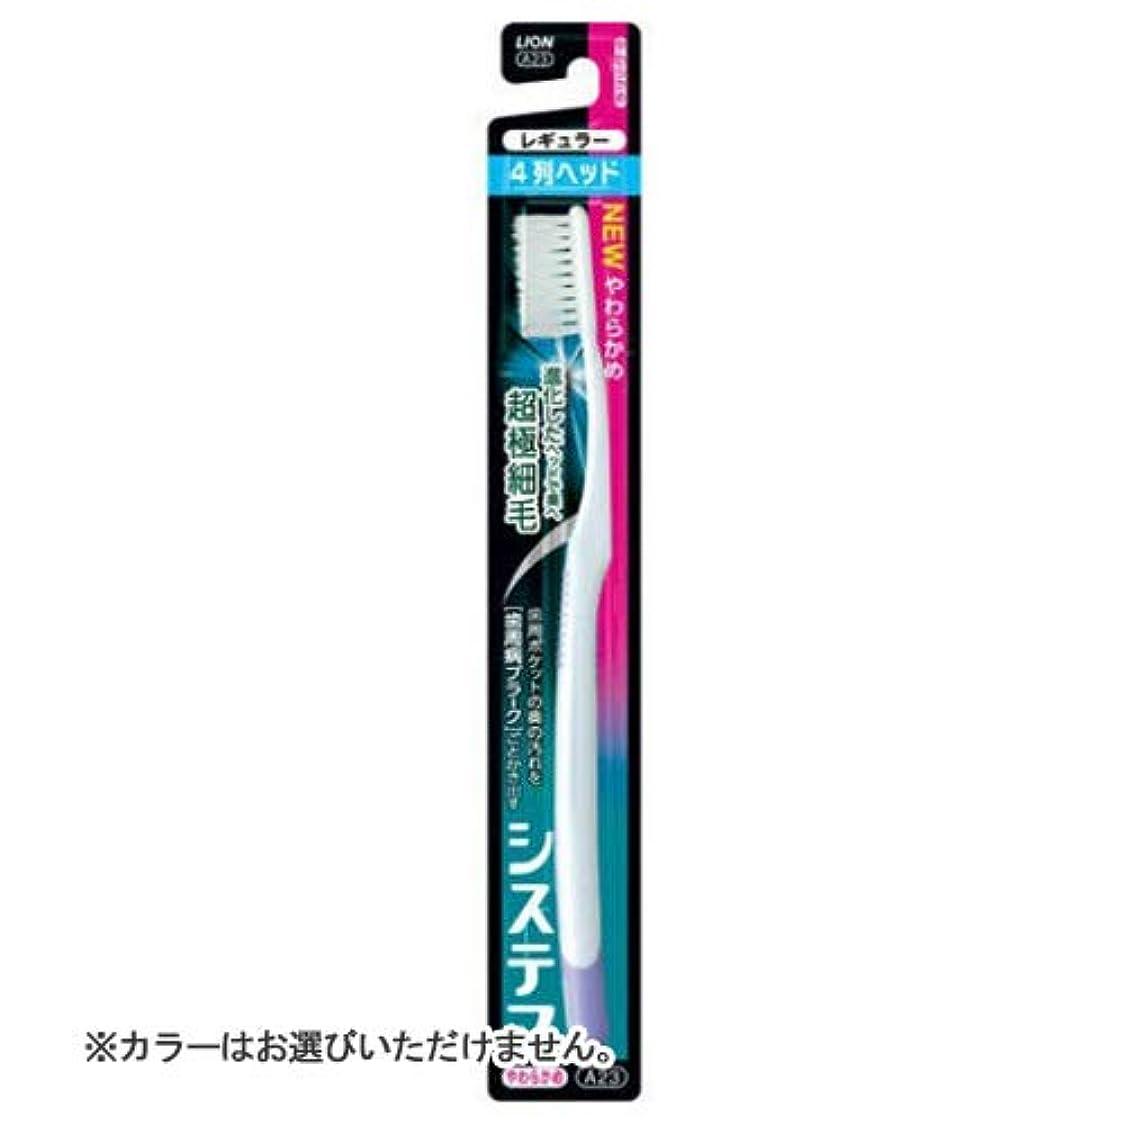 クラックノベルティクロニクルライオン システマ ハブラシ レギュラー4列 やわらかめ (1本) 大人用 歯ブラシ